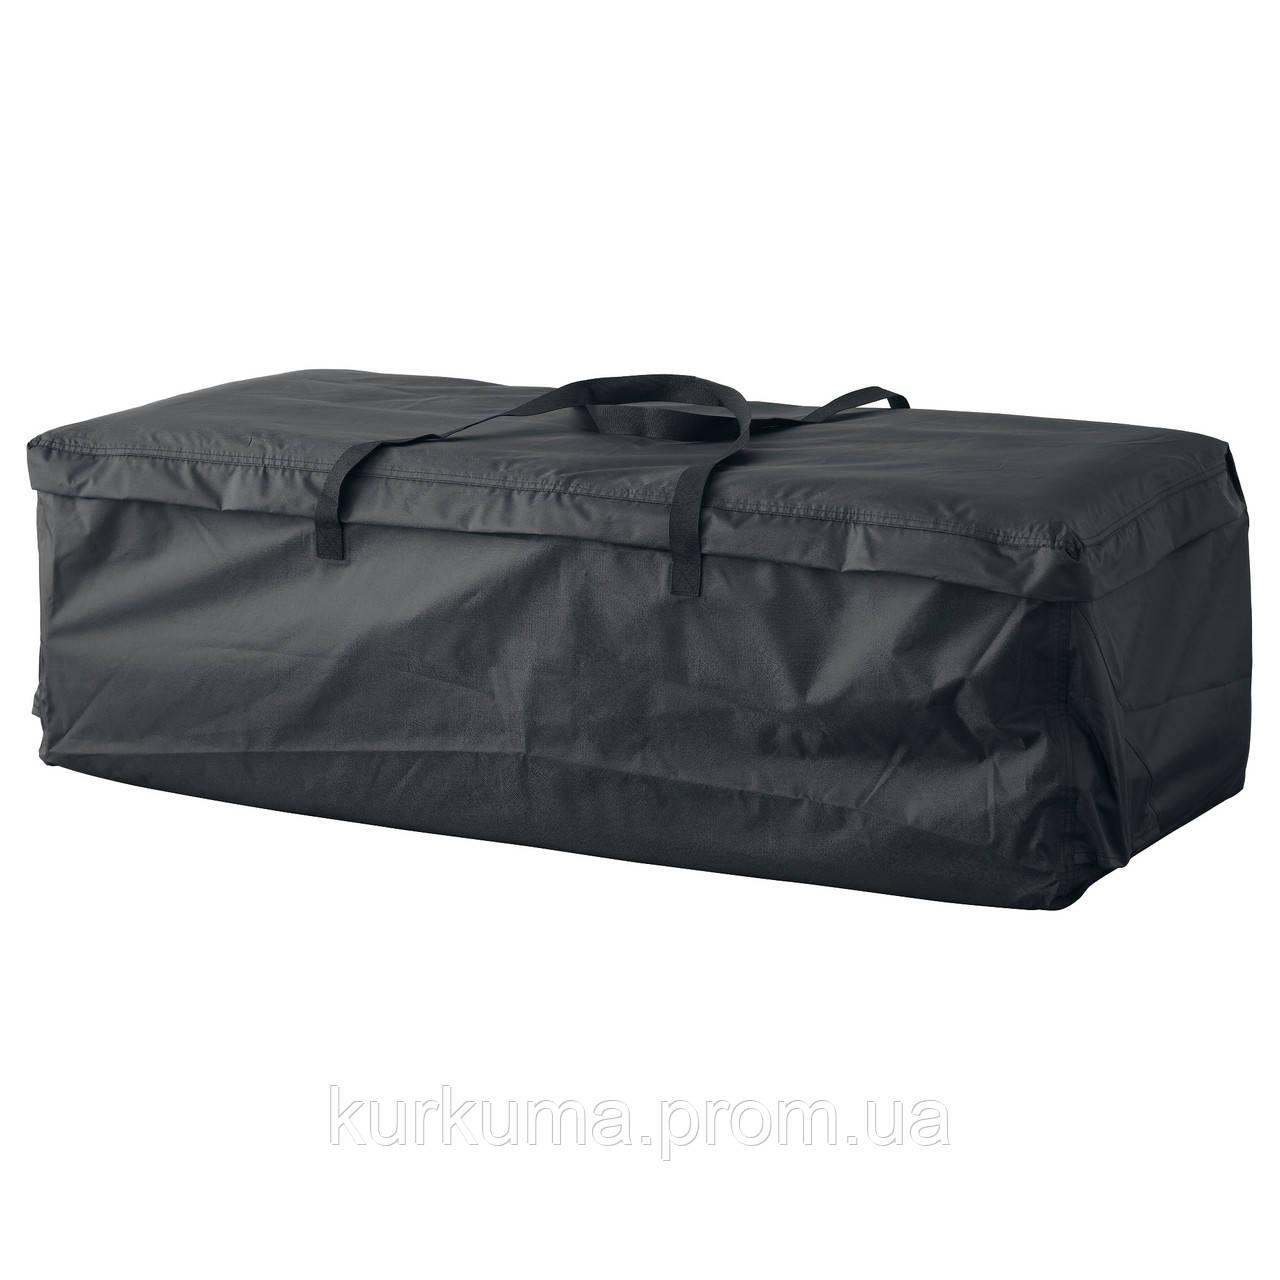 IKEA TOSTERO Сумка для подушек, черный  (202.923.28)